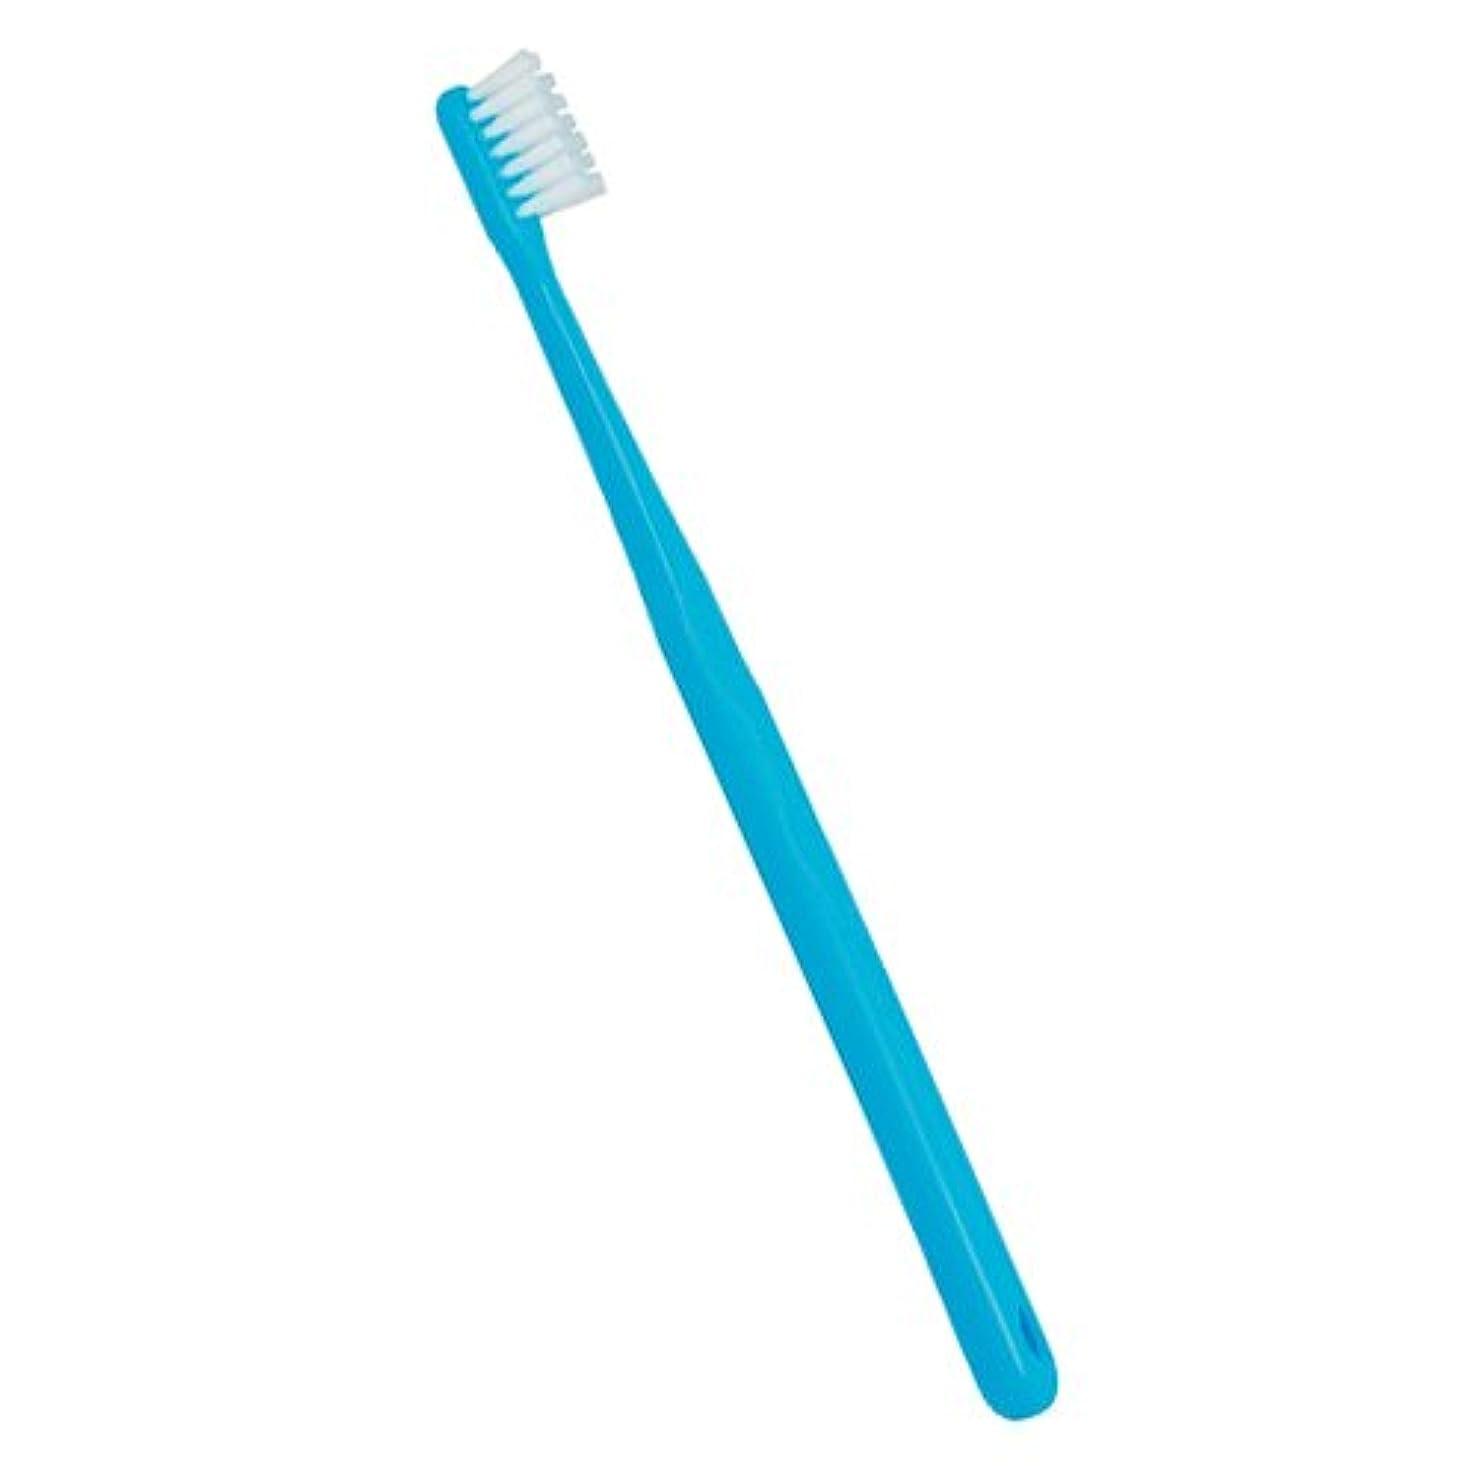 ガスサーマル学習Ciメディカル 歯ブラシ Ci702(フラットタイプ) 1本(M ふつう(ブルー))